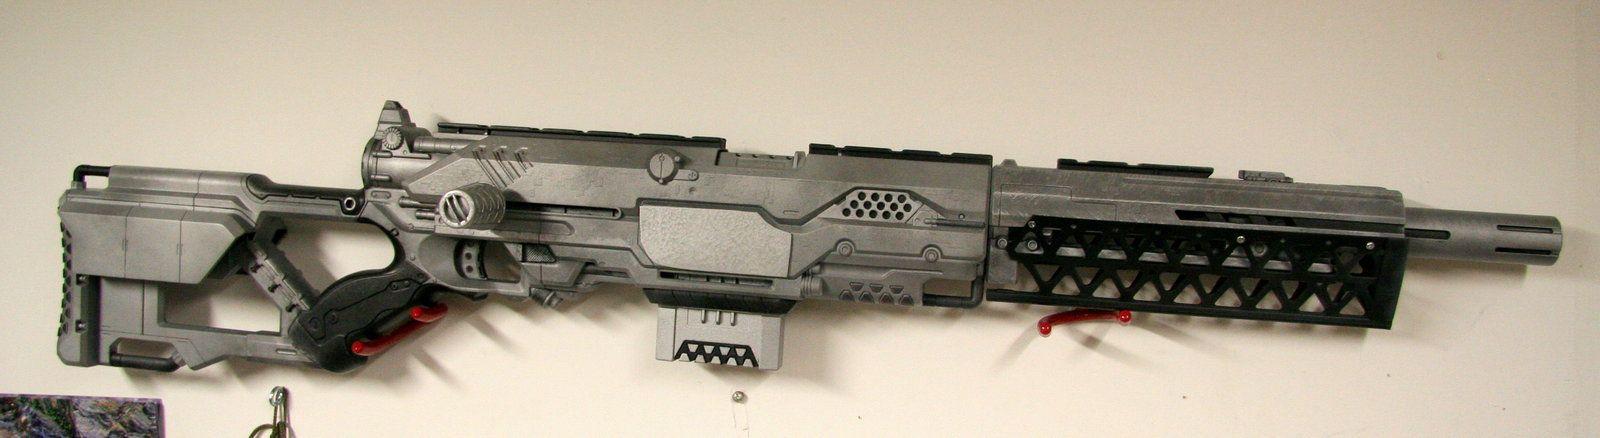 Nerf gun-2